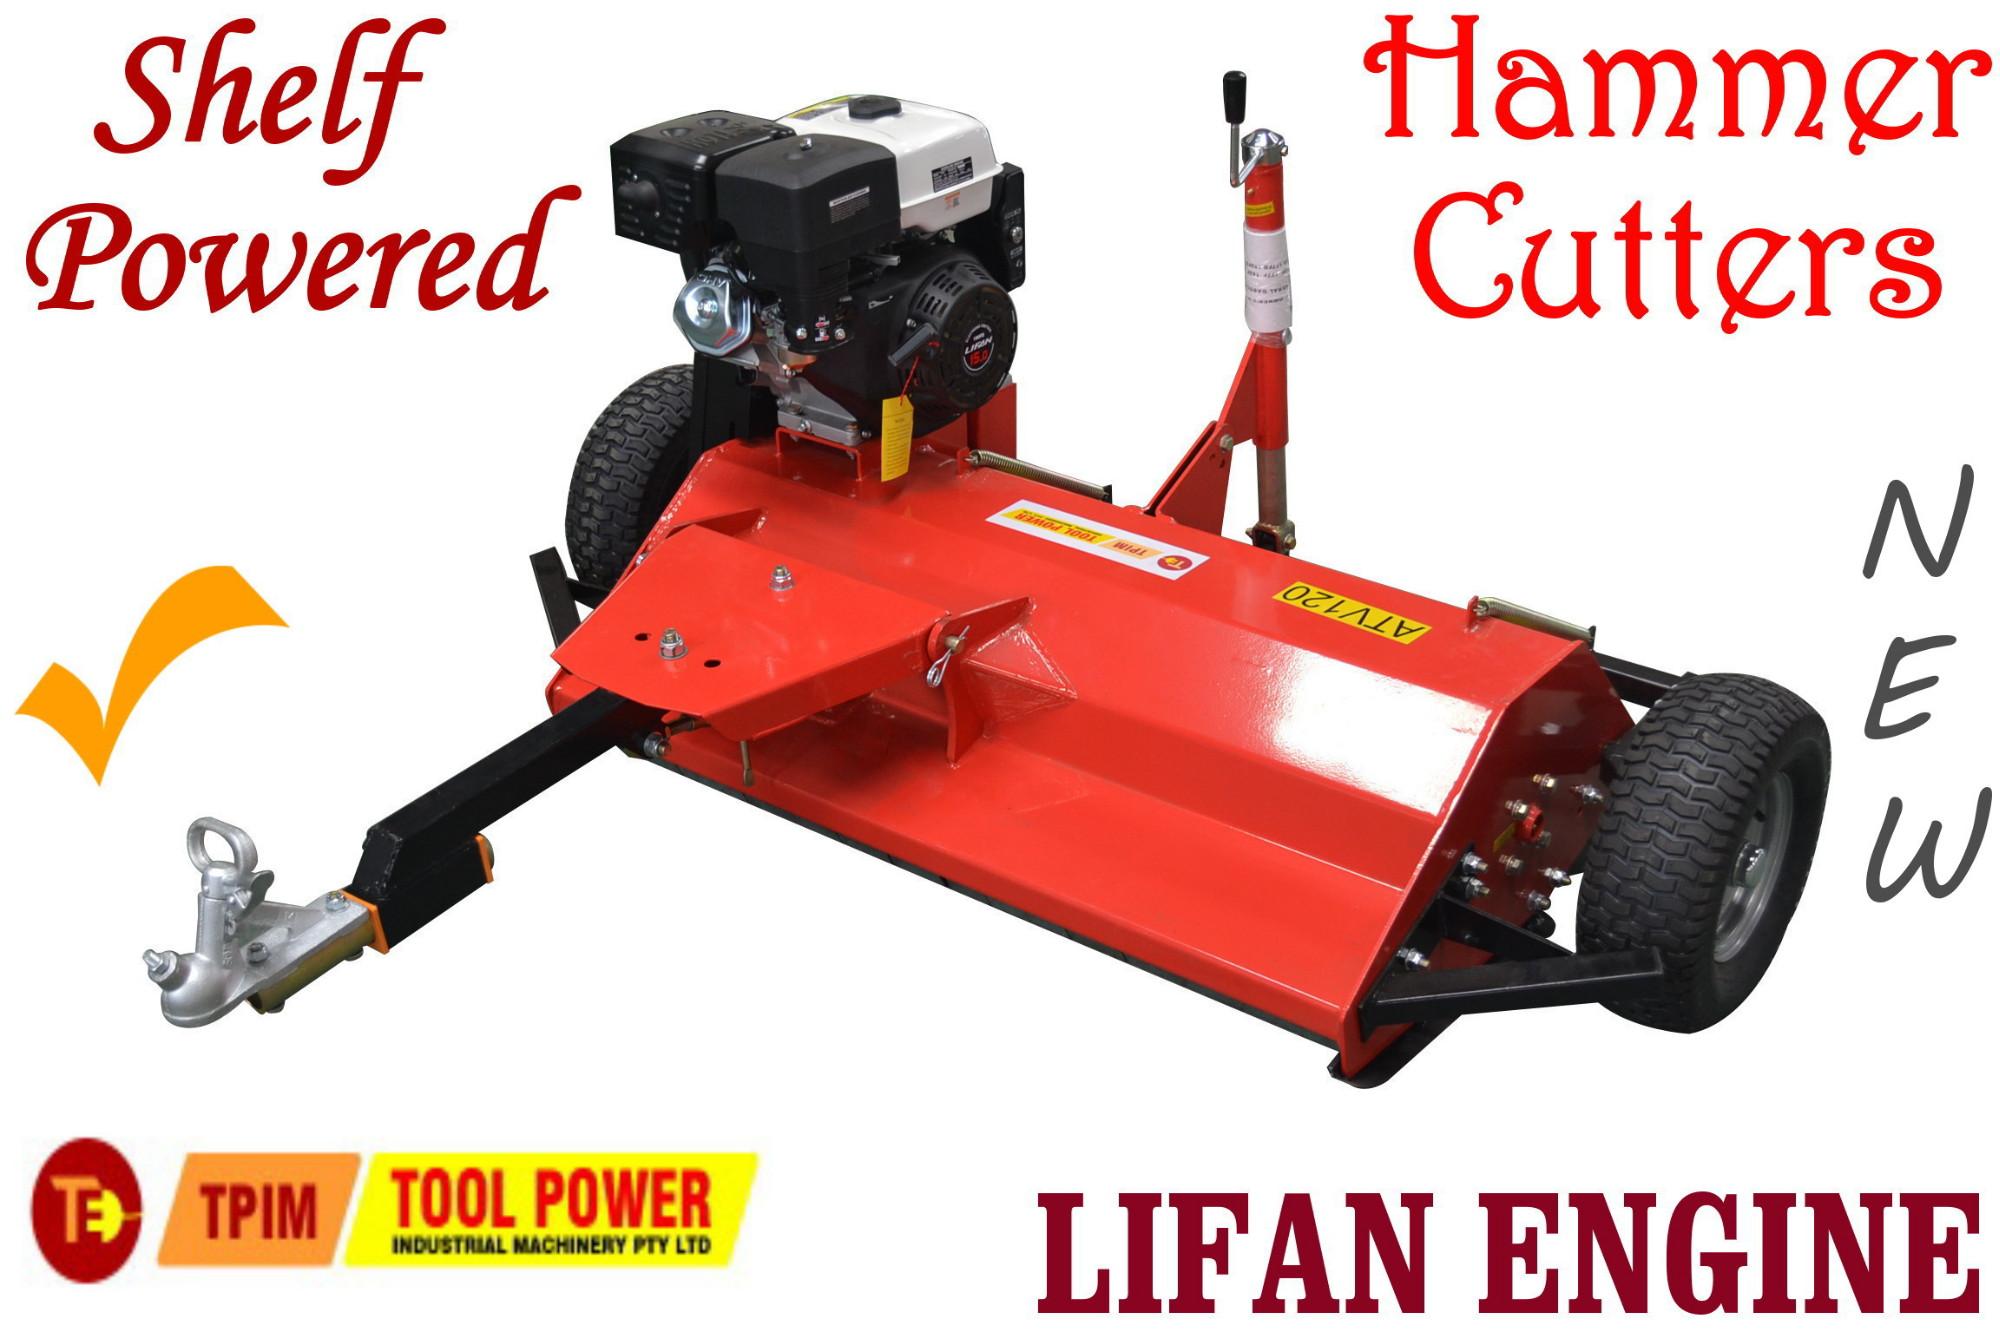 Flail Mower shelf powered ATV 15-hp E-S + Hammer Cutters